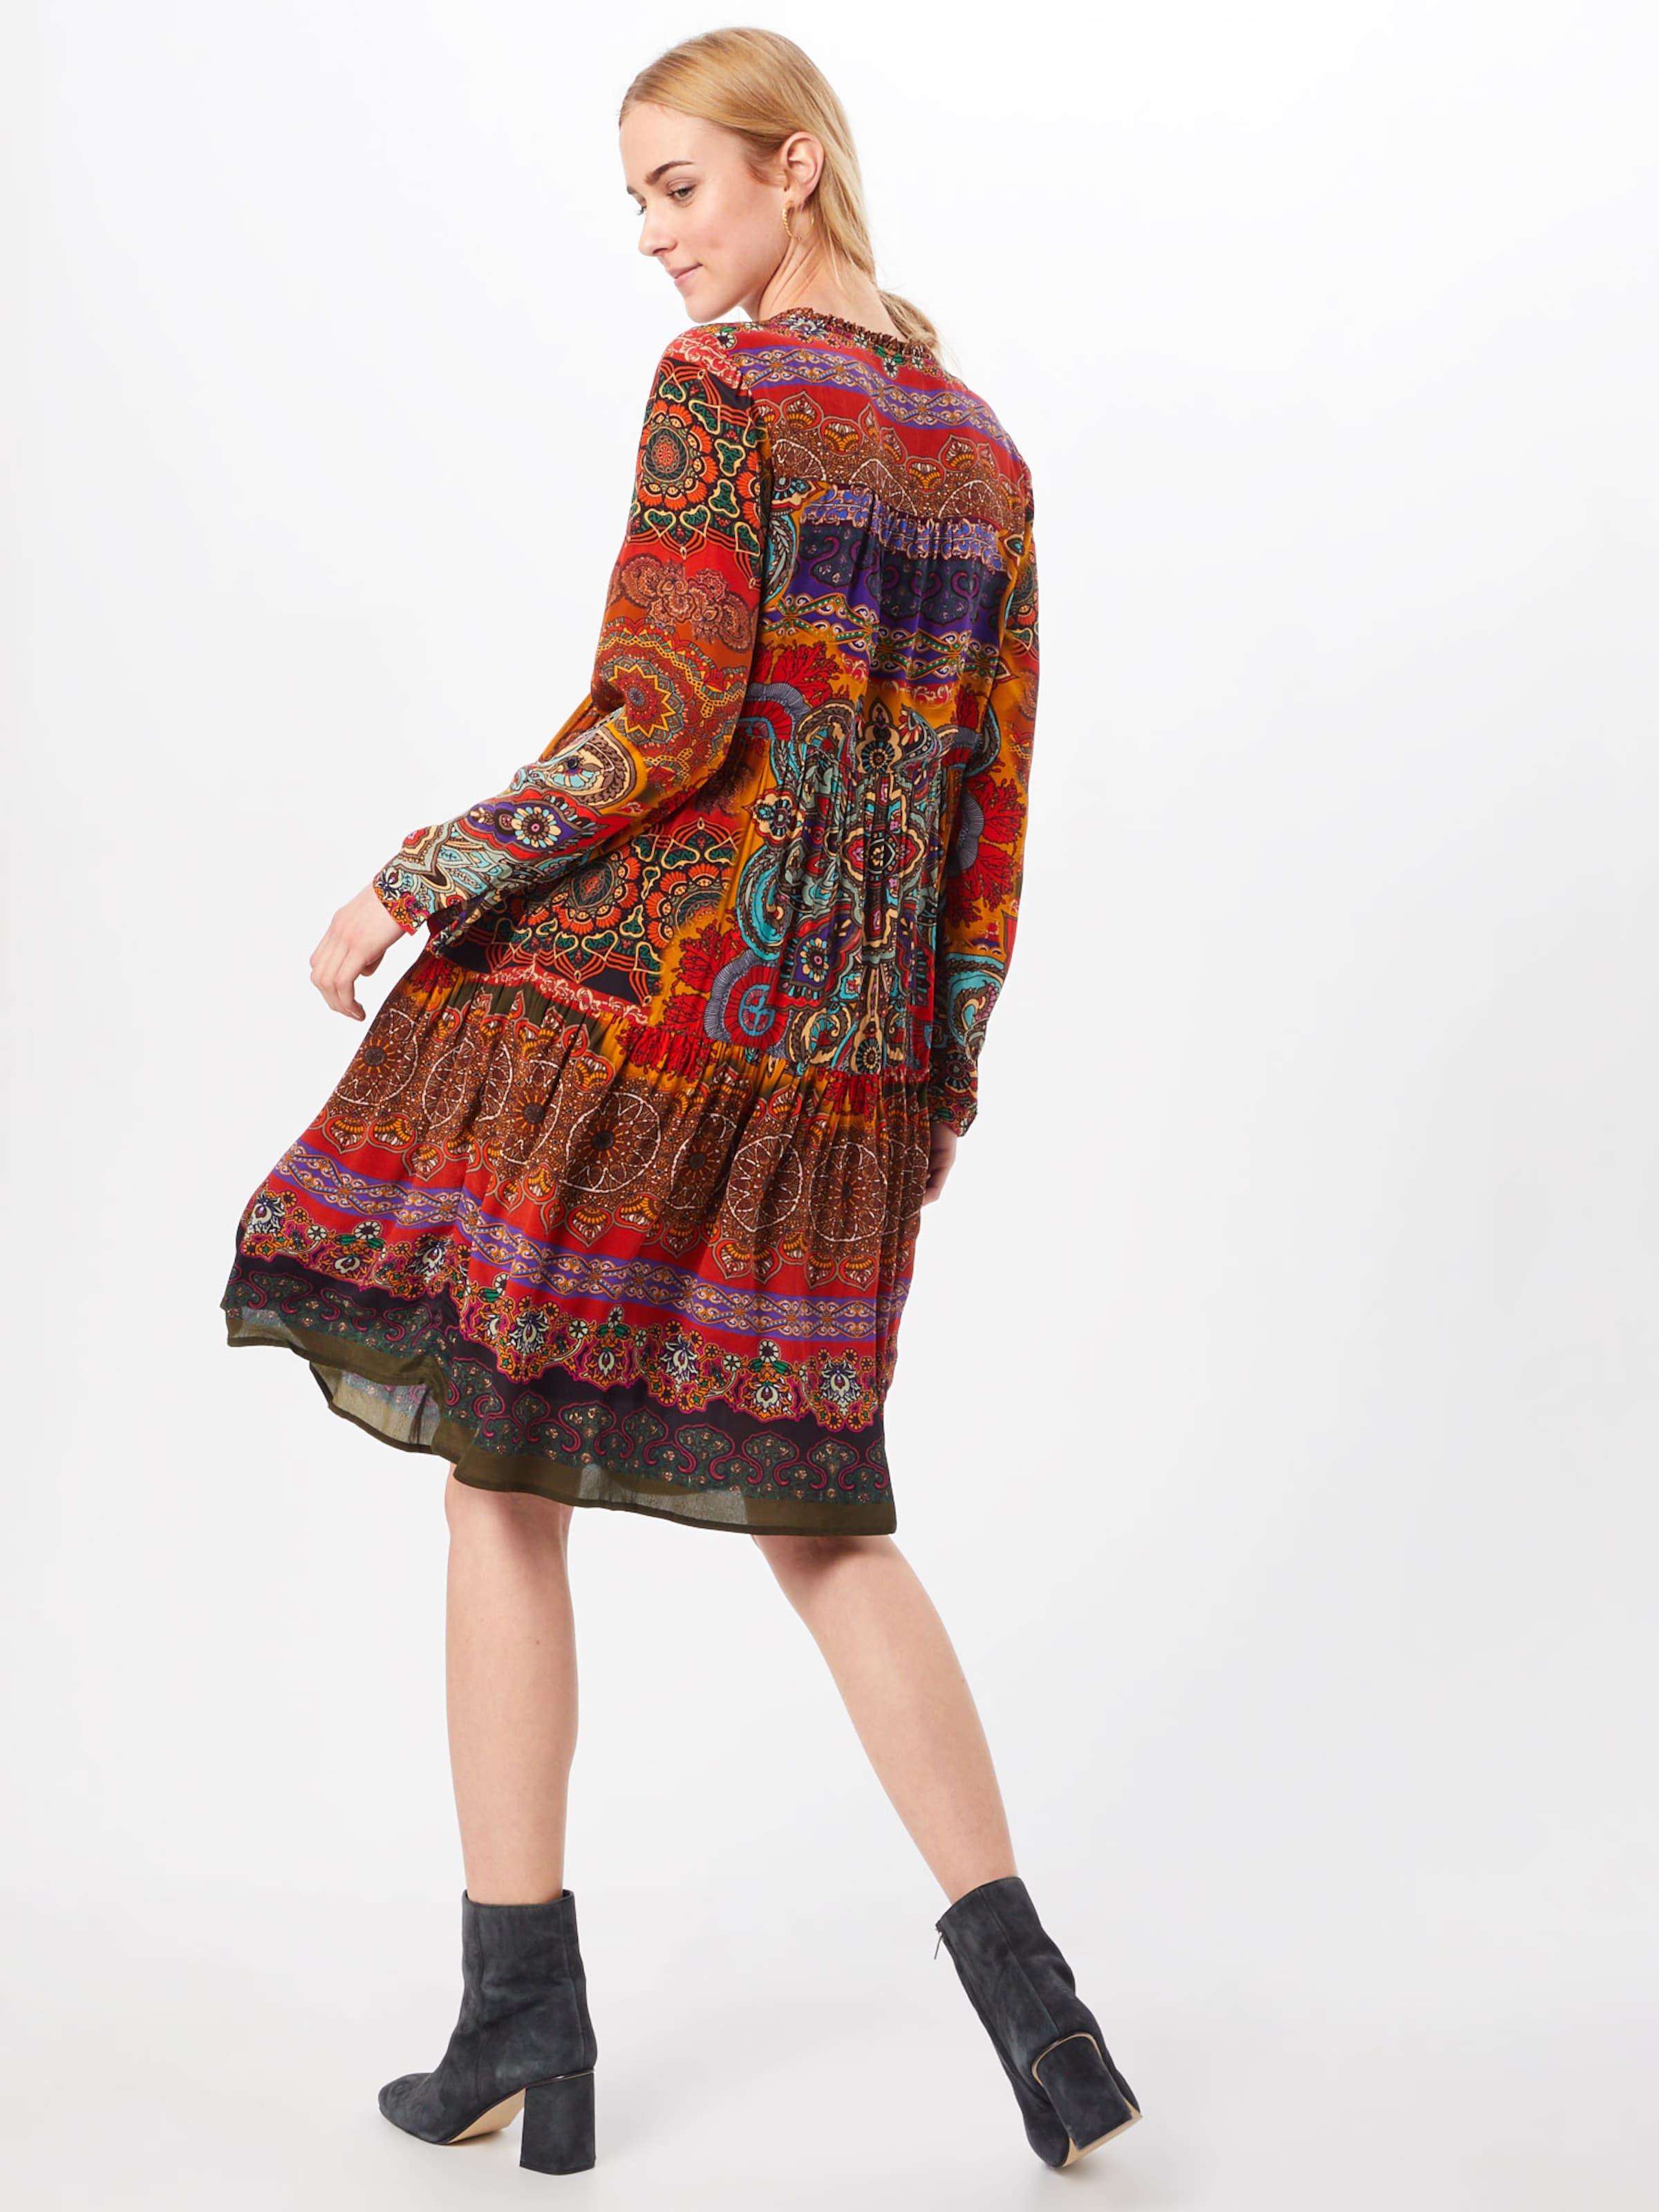 Kleid Goes Hollywood 'marrakesch' In Mischfarben Princess QrChxtsd